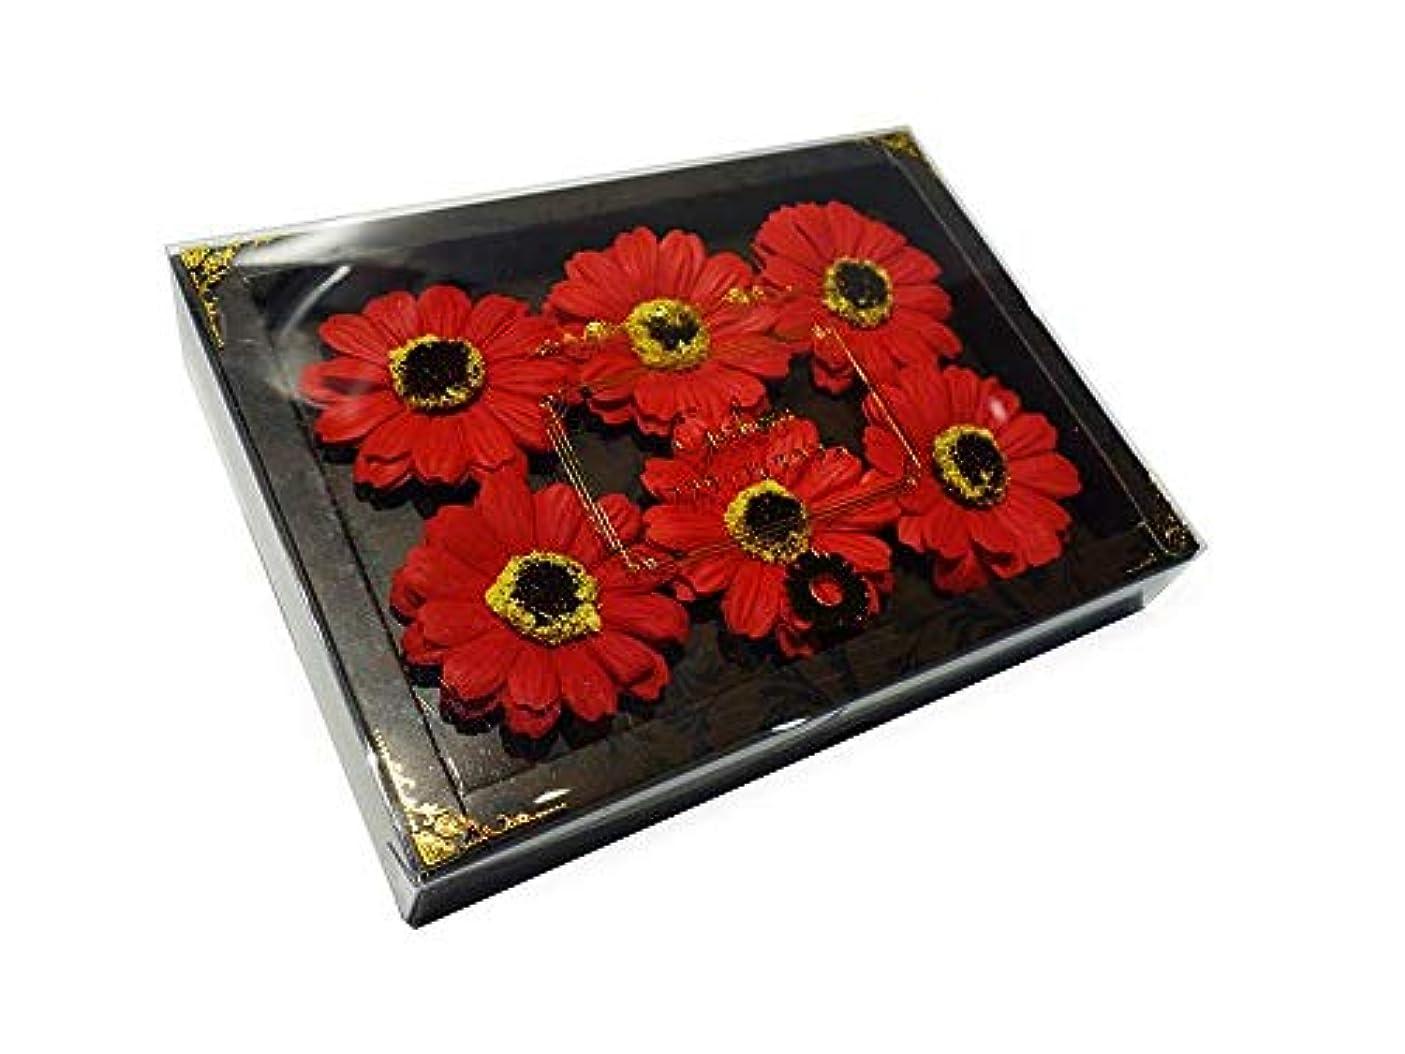 忠実な歩行者変形花のカタチの入浴剤 ガーベラ バスフレグランス フラワーフレグランス バスフラワー (レッド)